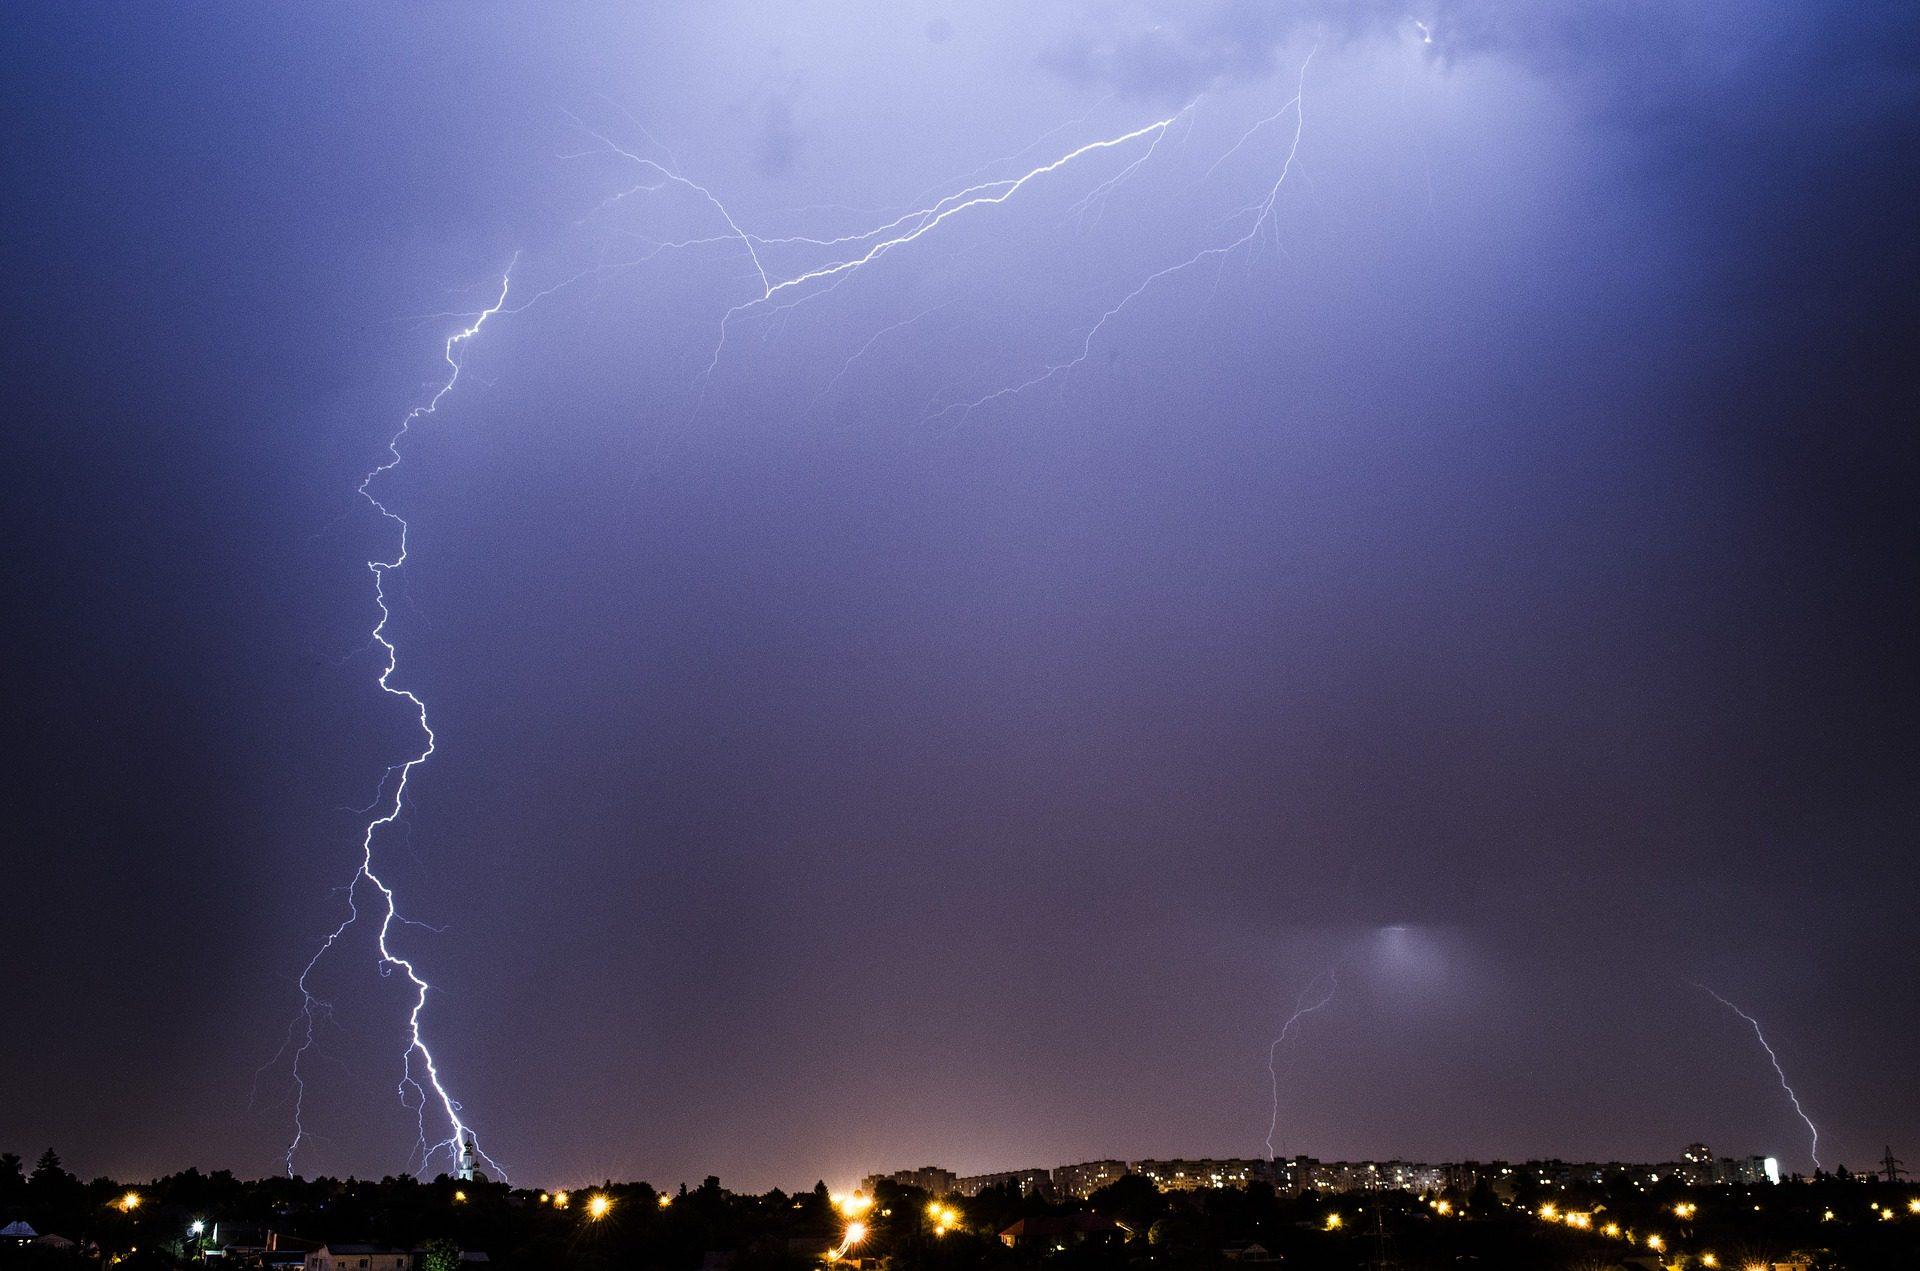 किरणों, गरज, तूफान, बादल छाए रहेंगे, रात, शहर, रोशनी - HD वॉलपेपर - प्रोफेसर-falken.com